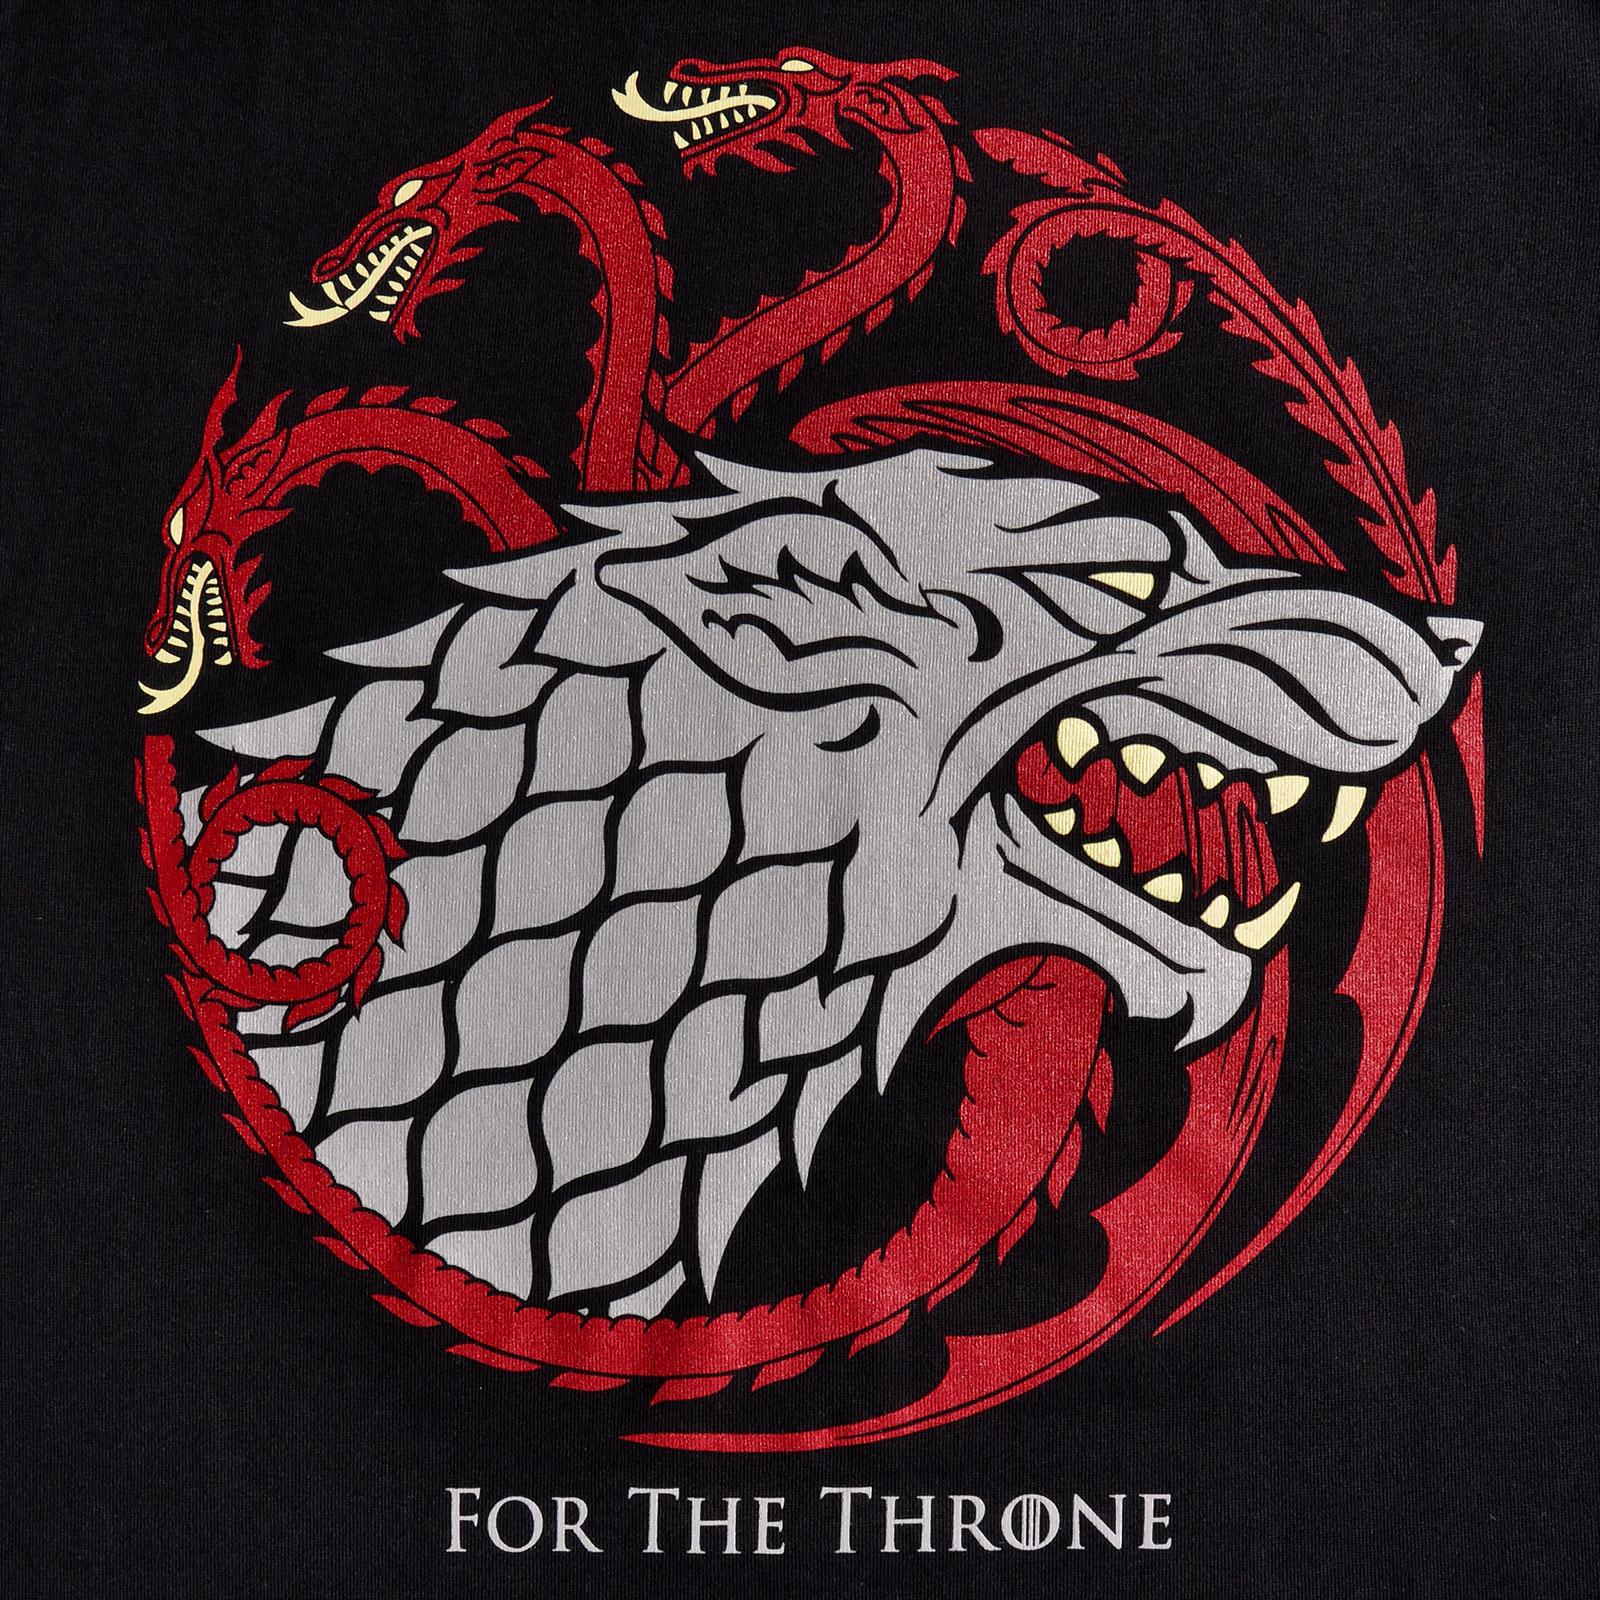 Stark & Targaryen For The Throne T-Shirt - Game of Thrones